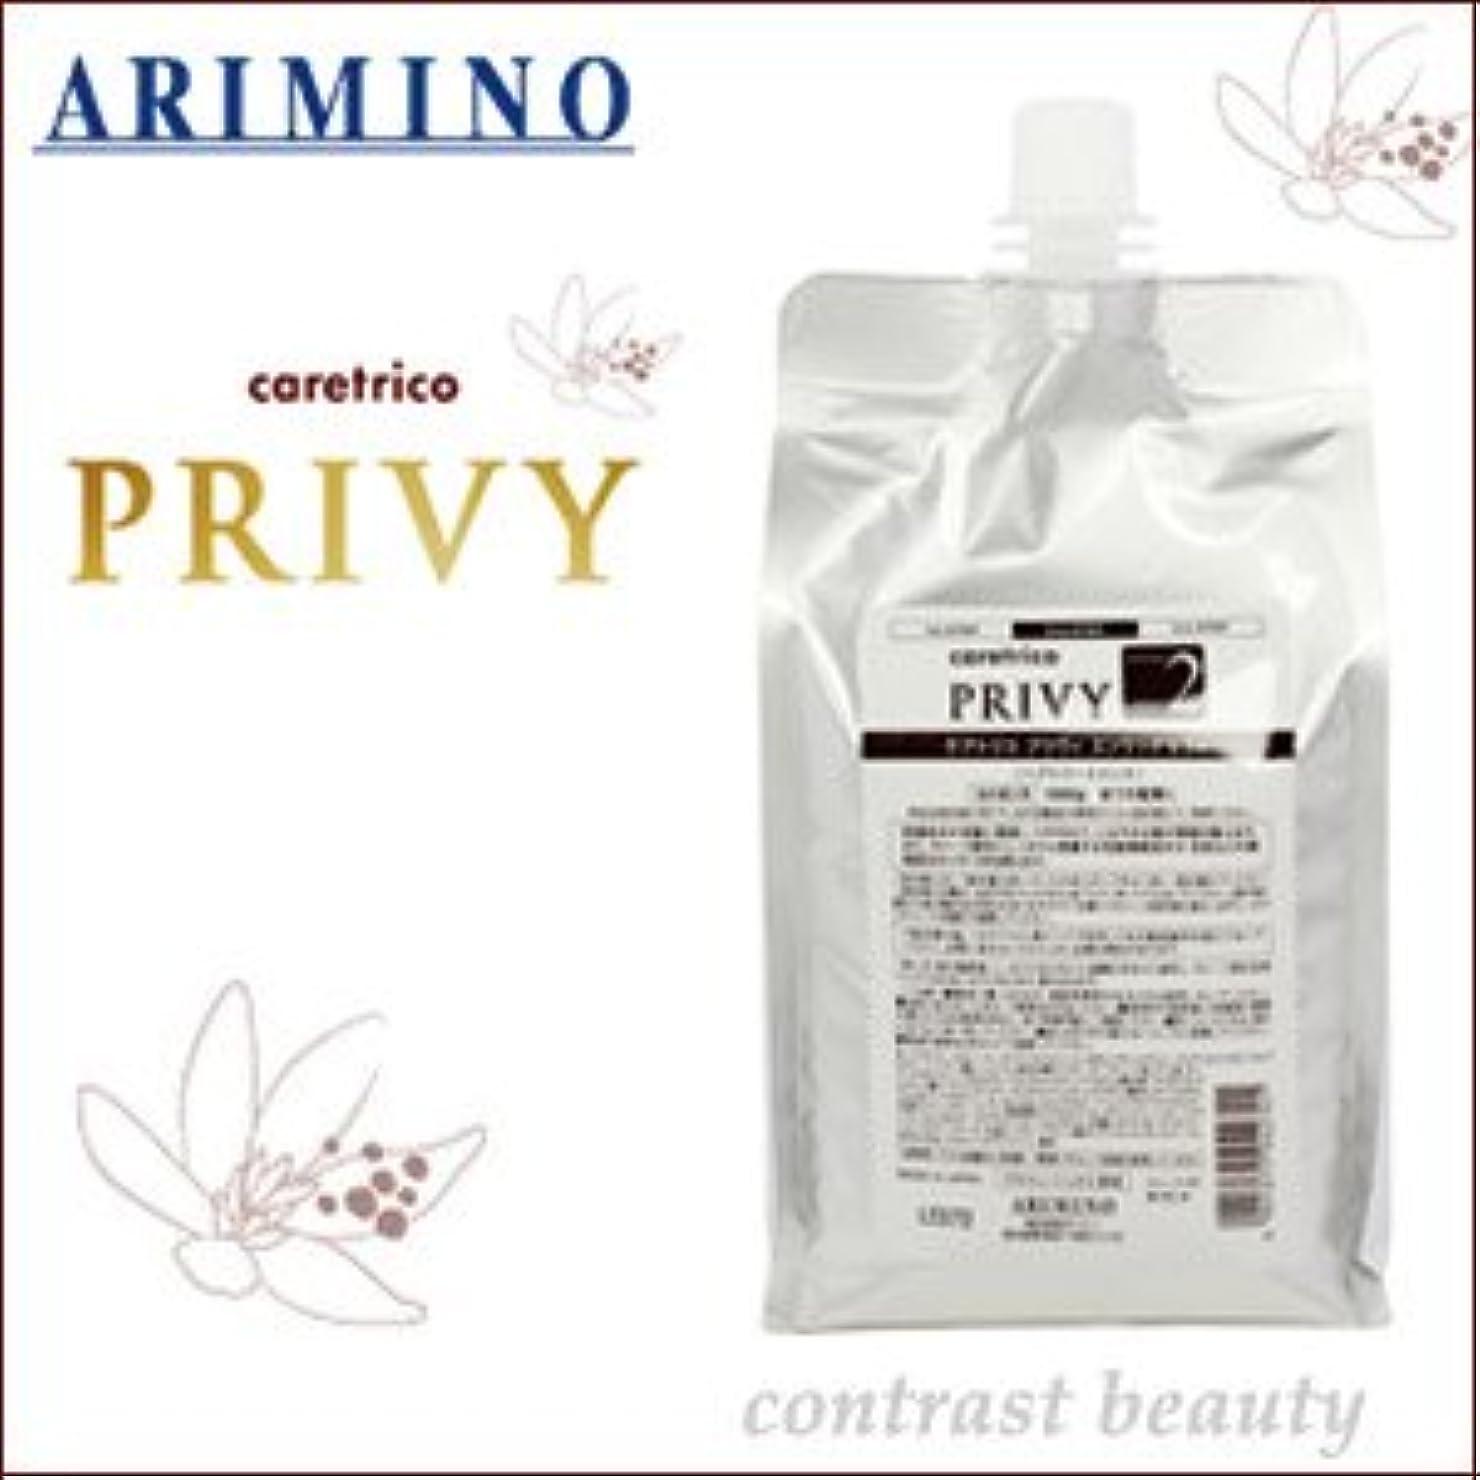 【X2個セット】 アリミノ ケアトリコ プリヴィ エンリッチセラム 1000g 詰替え用